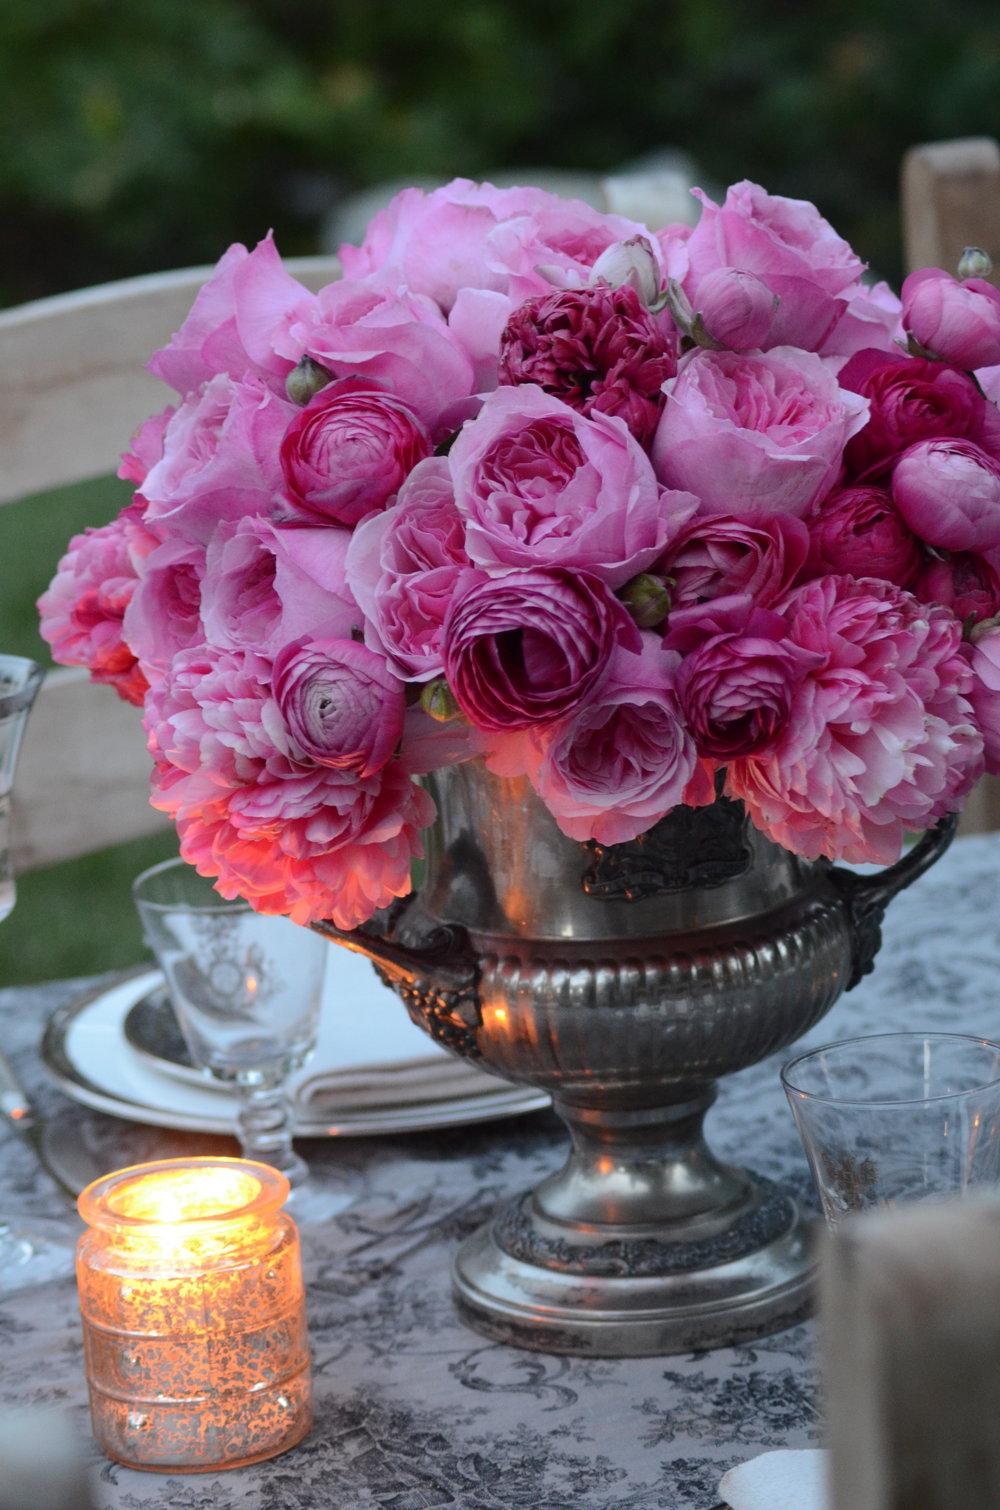 David Austin Roses and Peonies